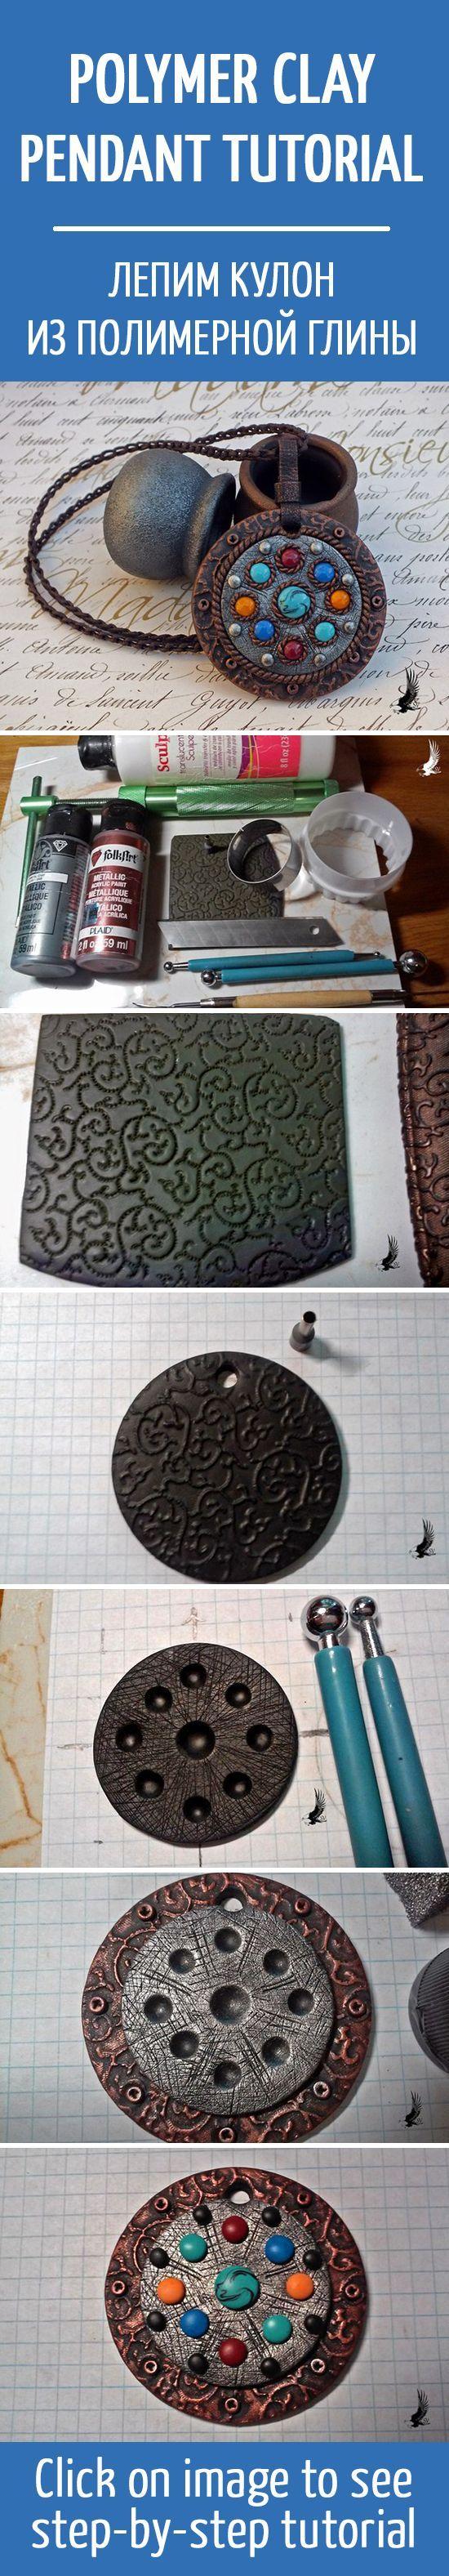 Лепим кулон из полимерной глины / Polymer clay pendant tutorial